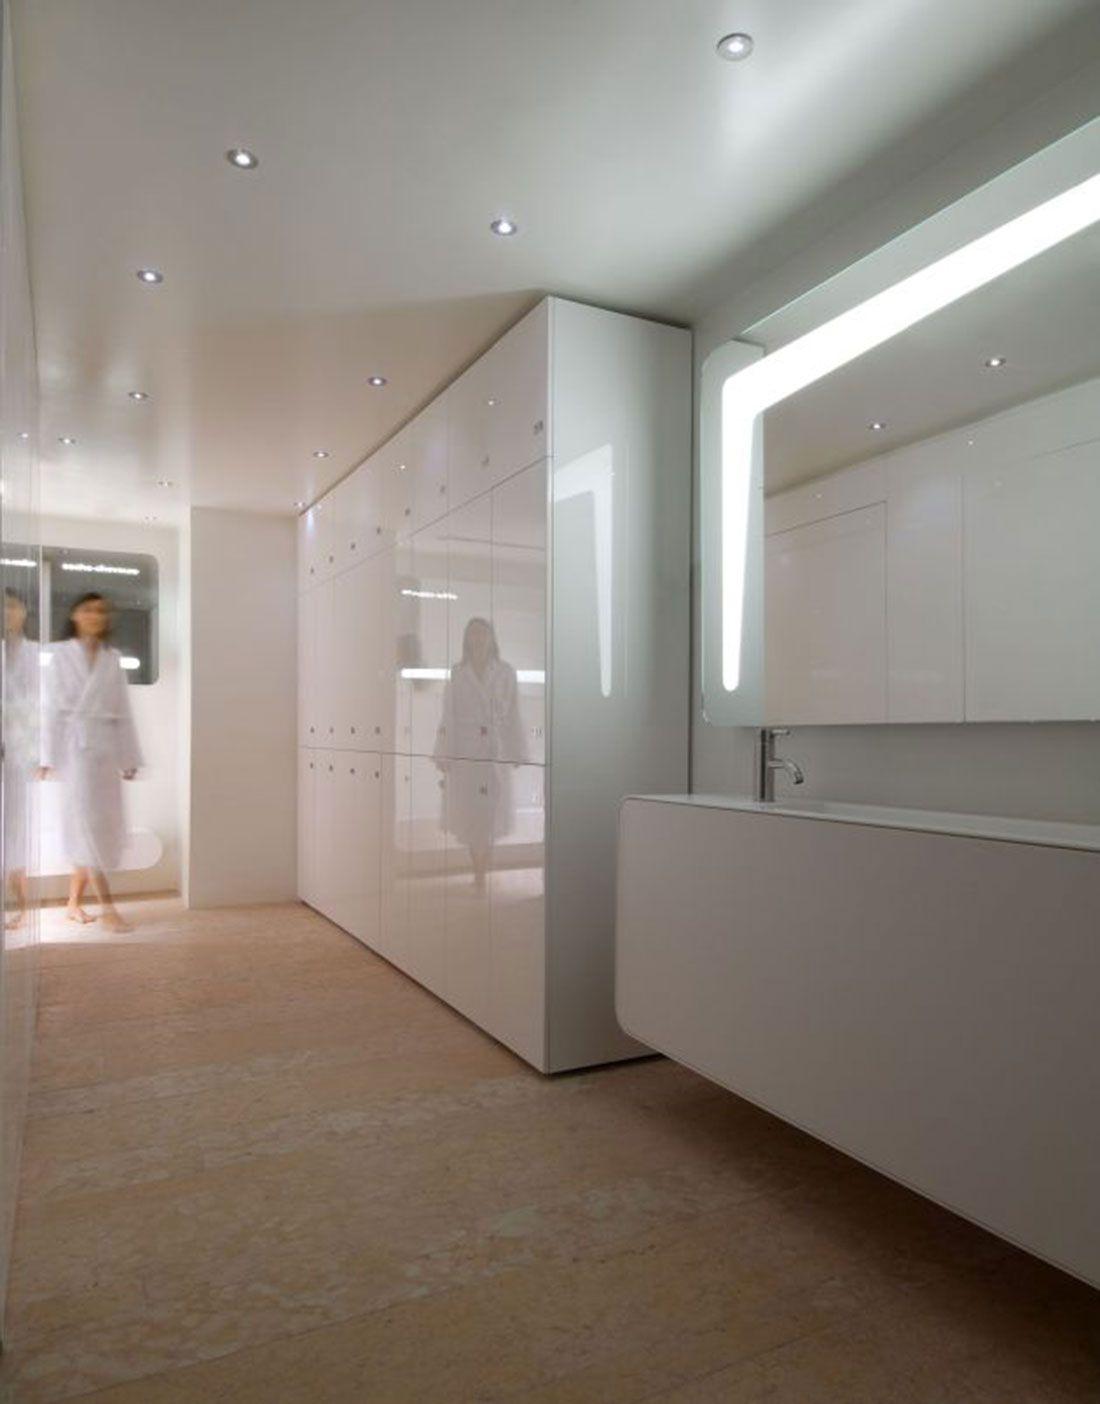 Locker Room Bedroom Ideas - Bedroom design ideas